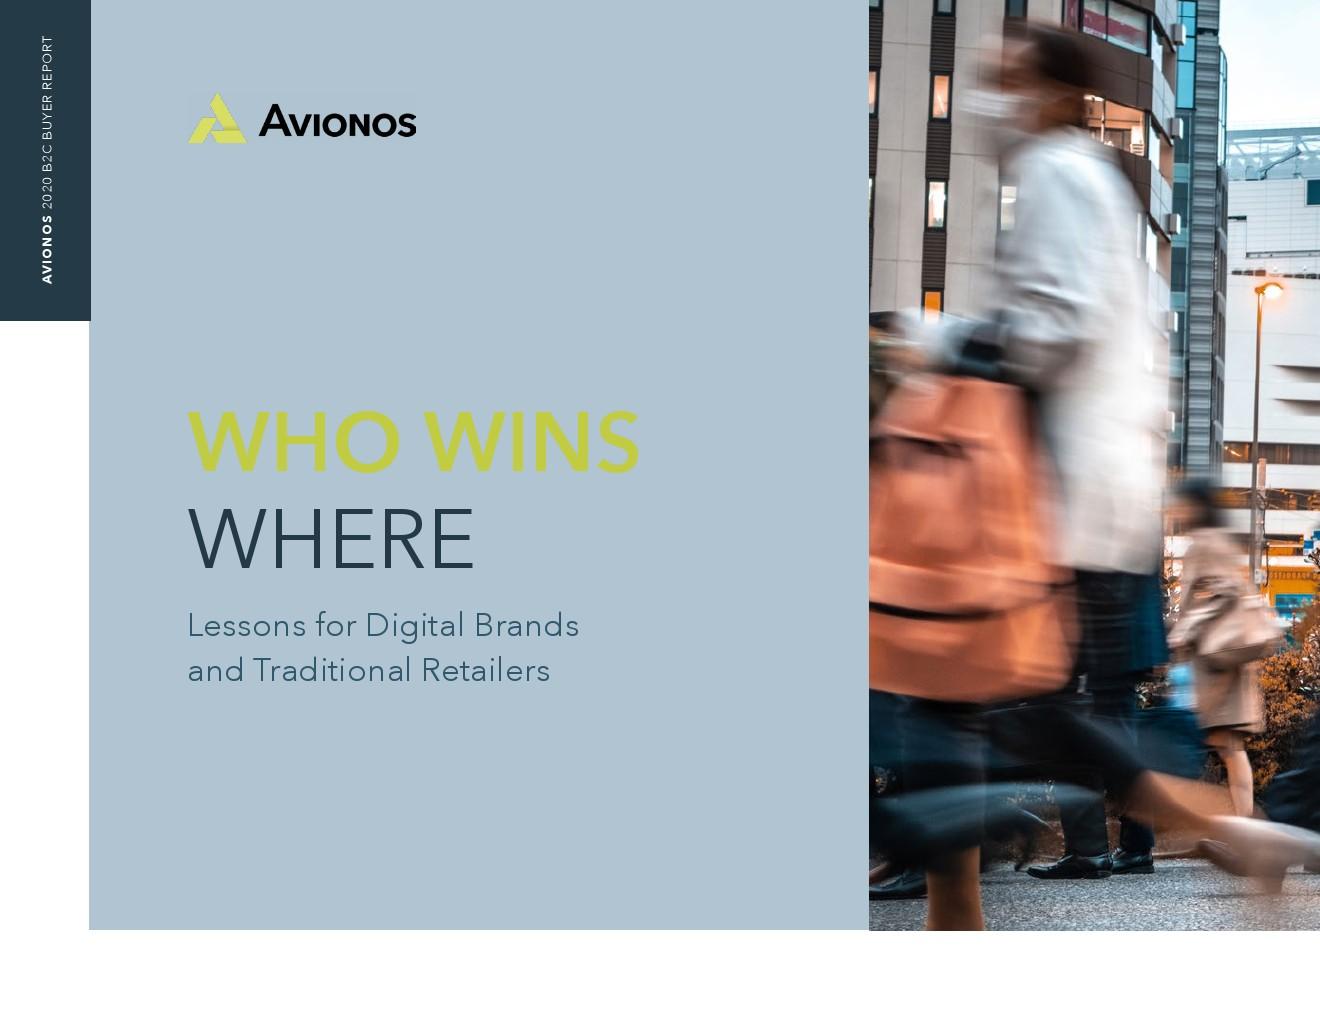 Avionos报告:网络品牌和传统零售商的经验和教训